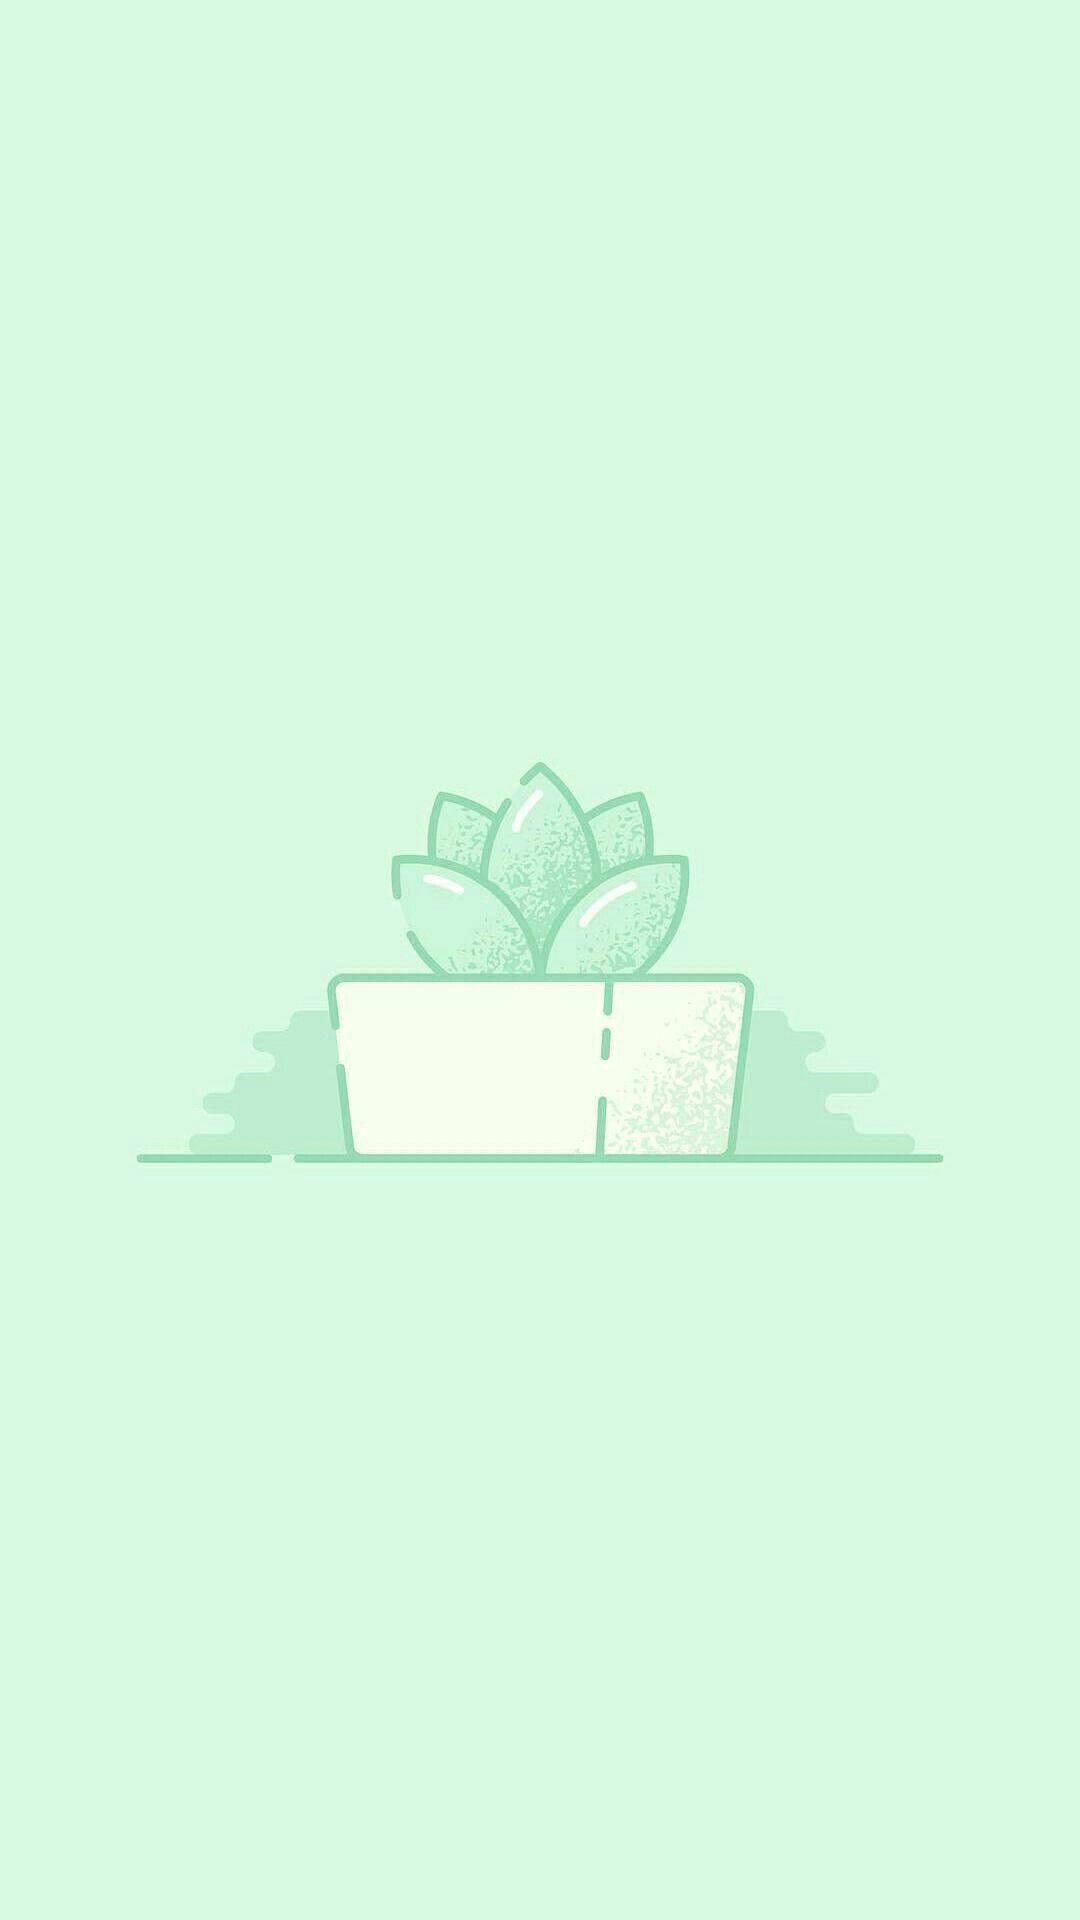 Mint Green Desktop Wallpaper Hd In 2021 Mint Green Wallpaper Iphone Iphone Wallpaper Green Mint Green Aesthetic